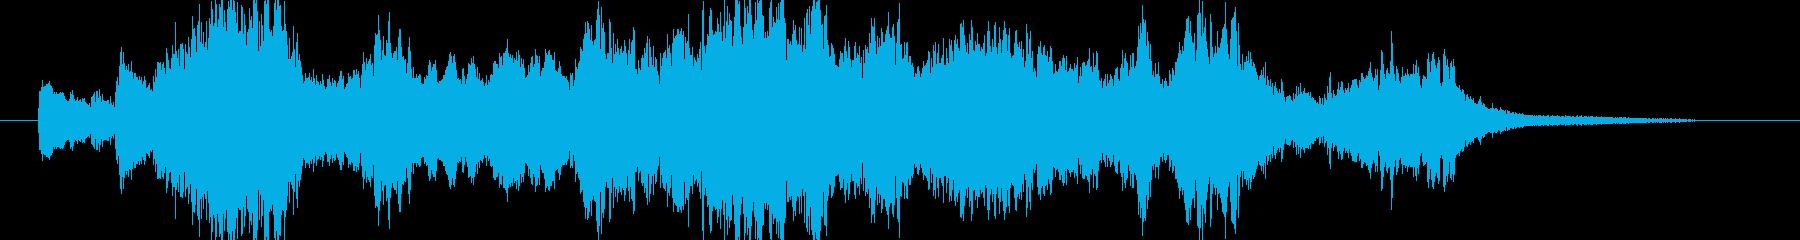 ピアノとバイオリンの調べ 30秒の再生済みの波形